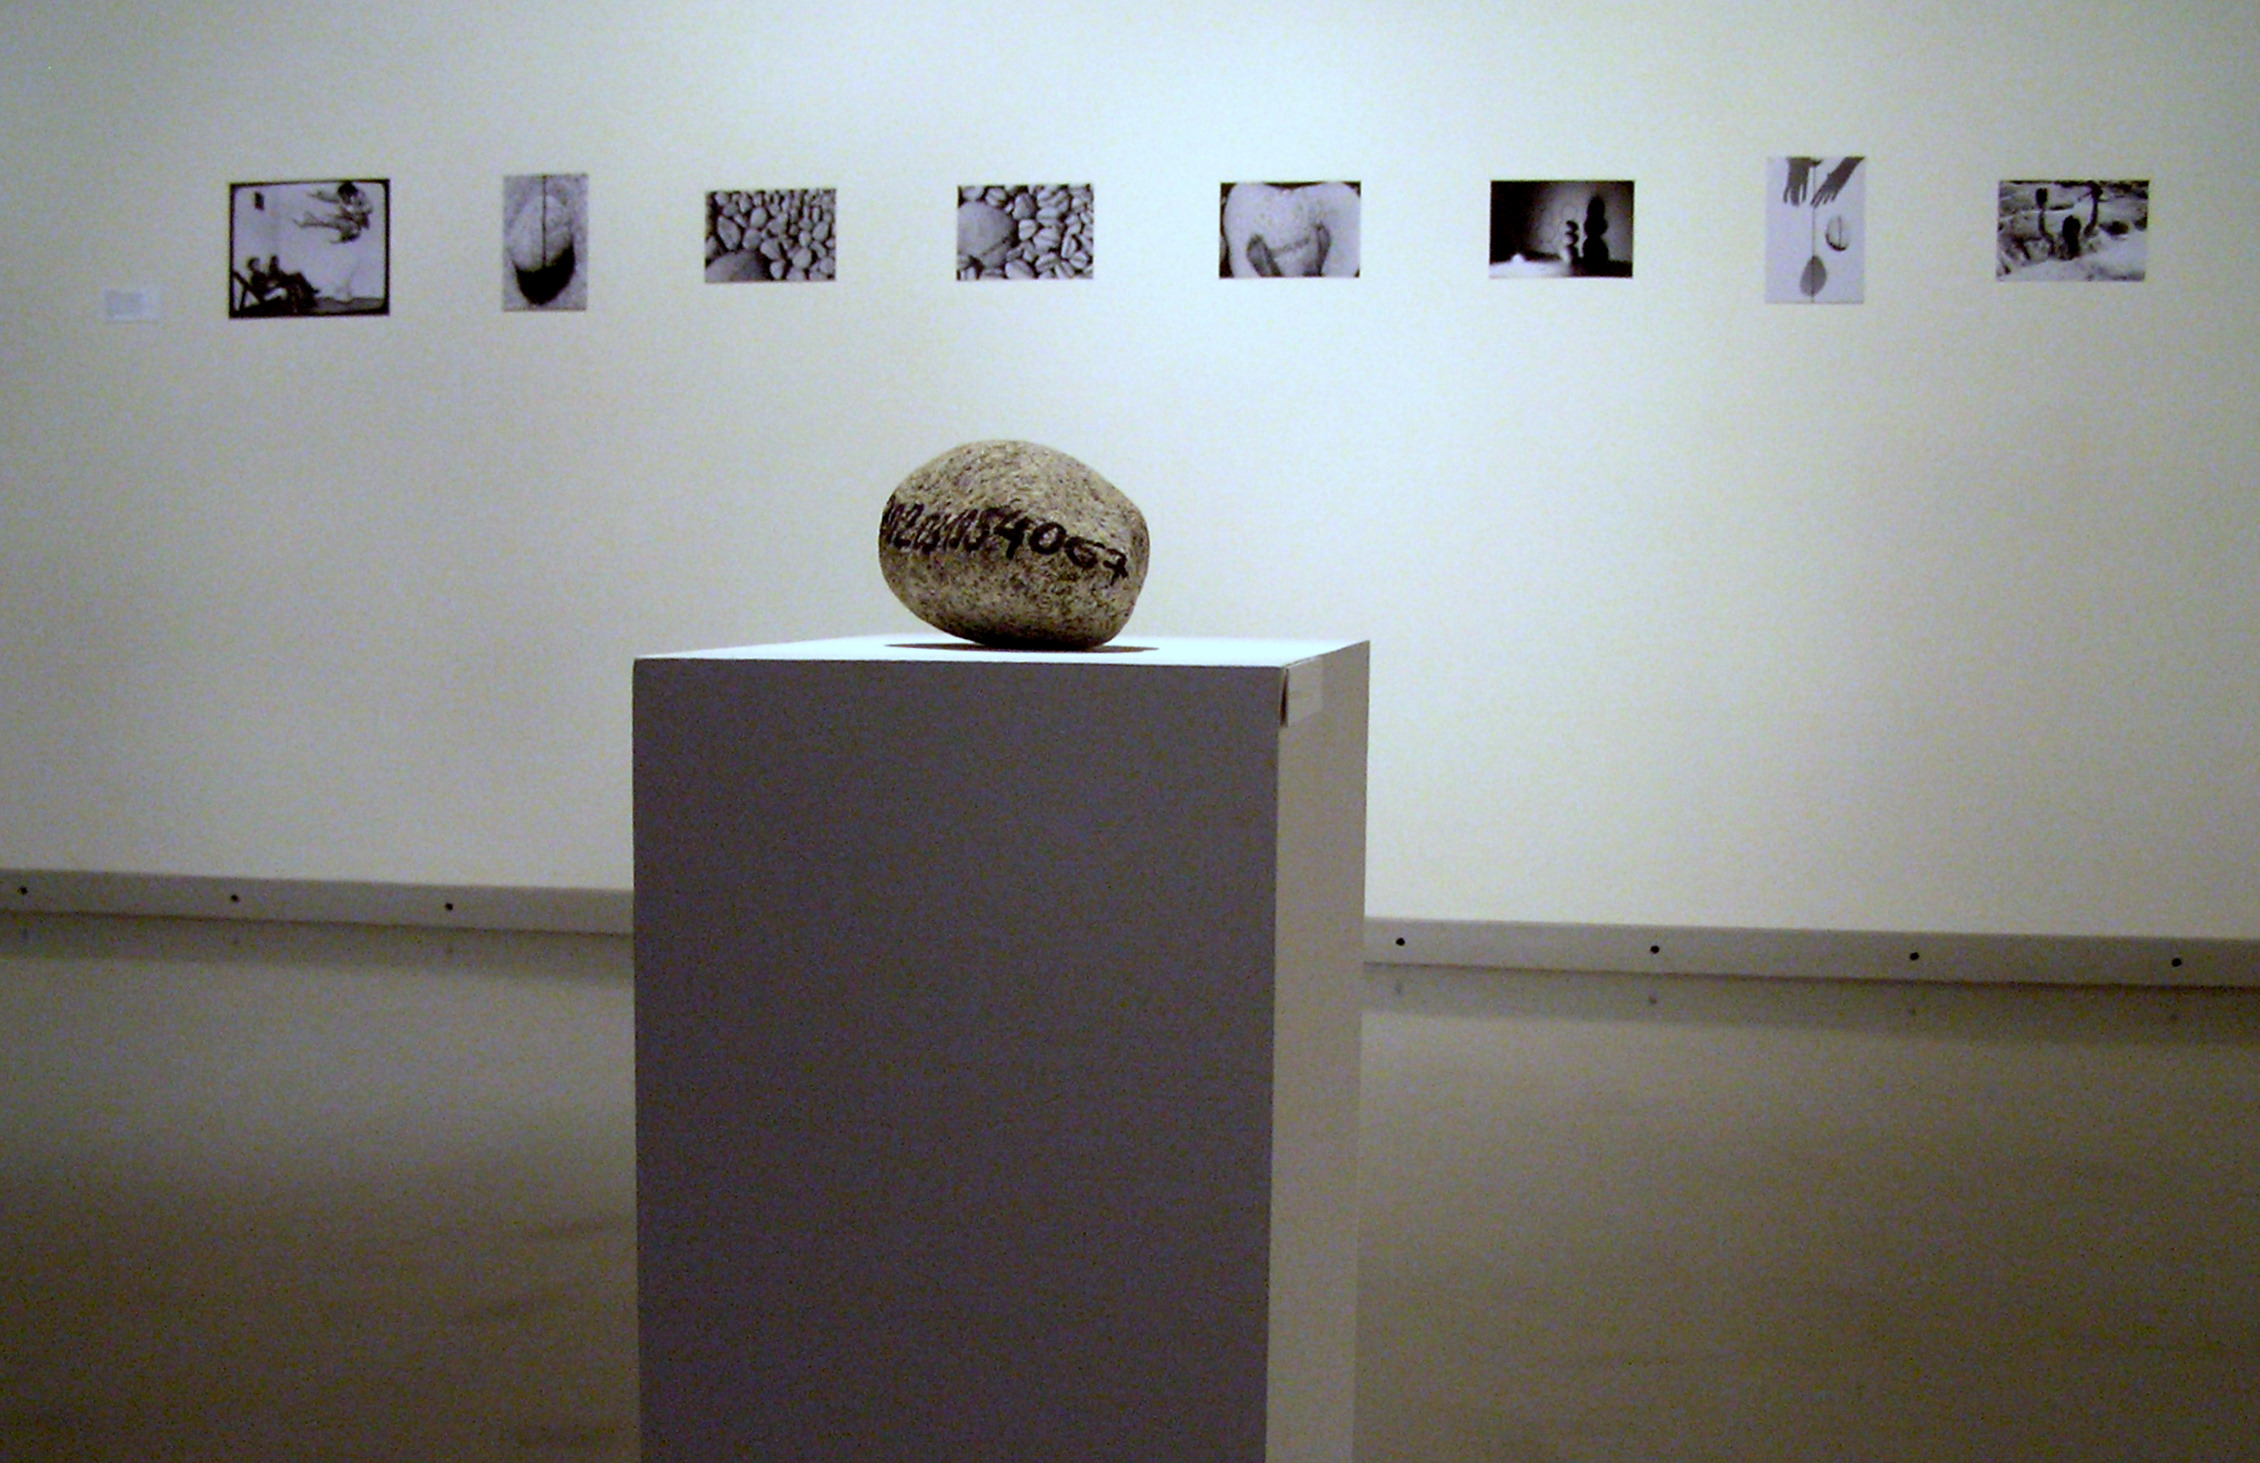 Widok ogólny na wystawę, fot. K. Jurecki